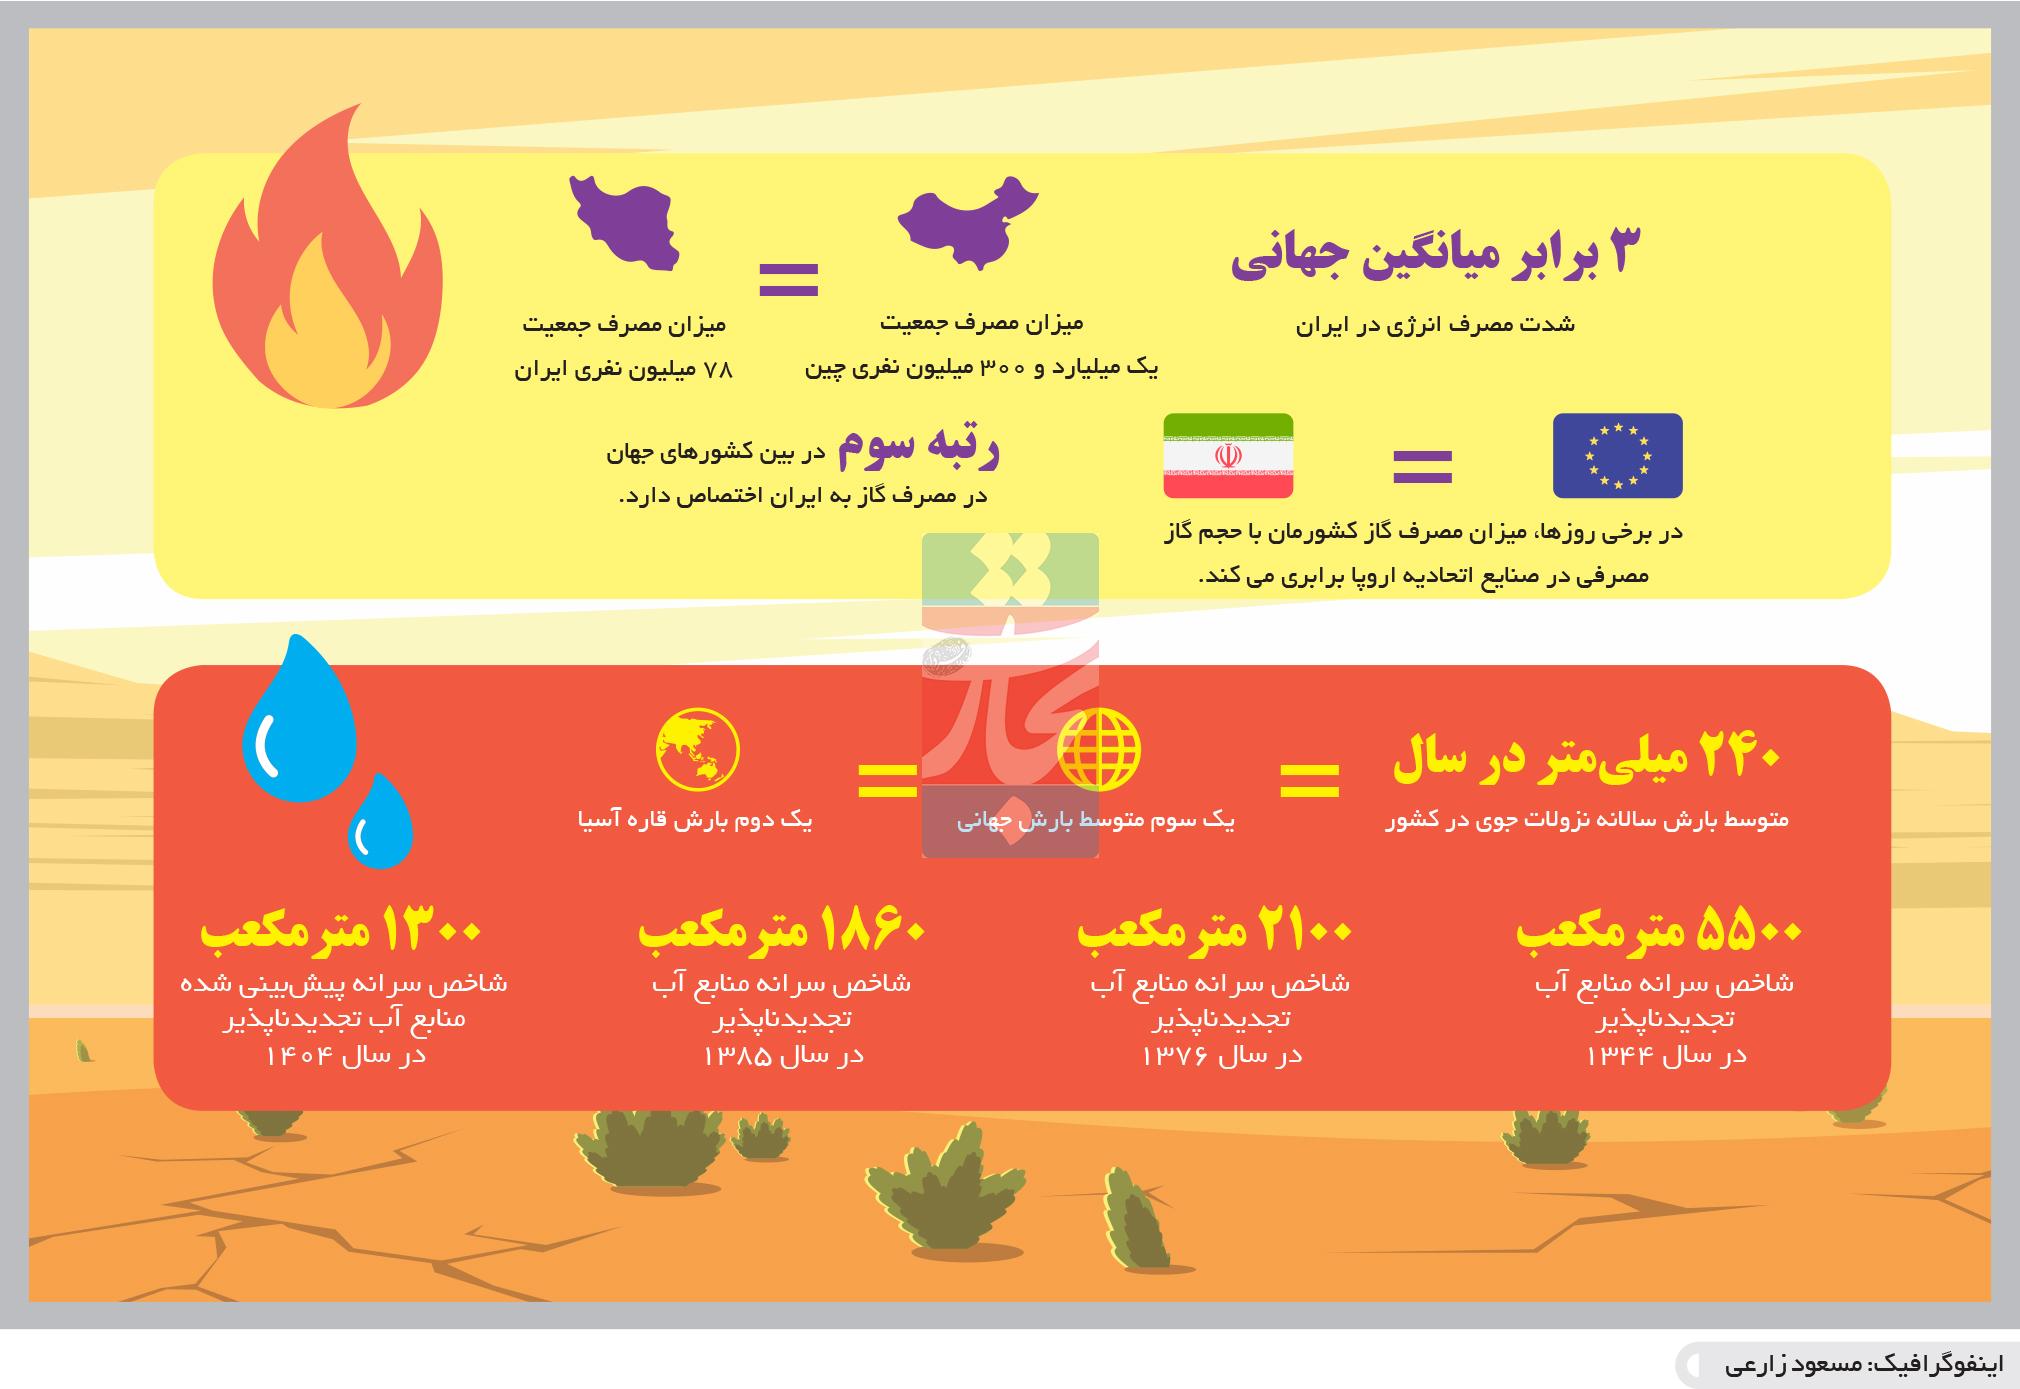 تجارت فردا-  اینفوگرافیک- شدت مصرف انرژی در ایران